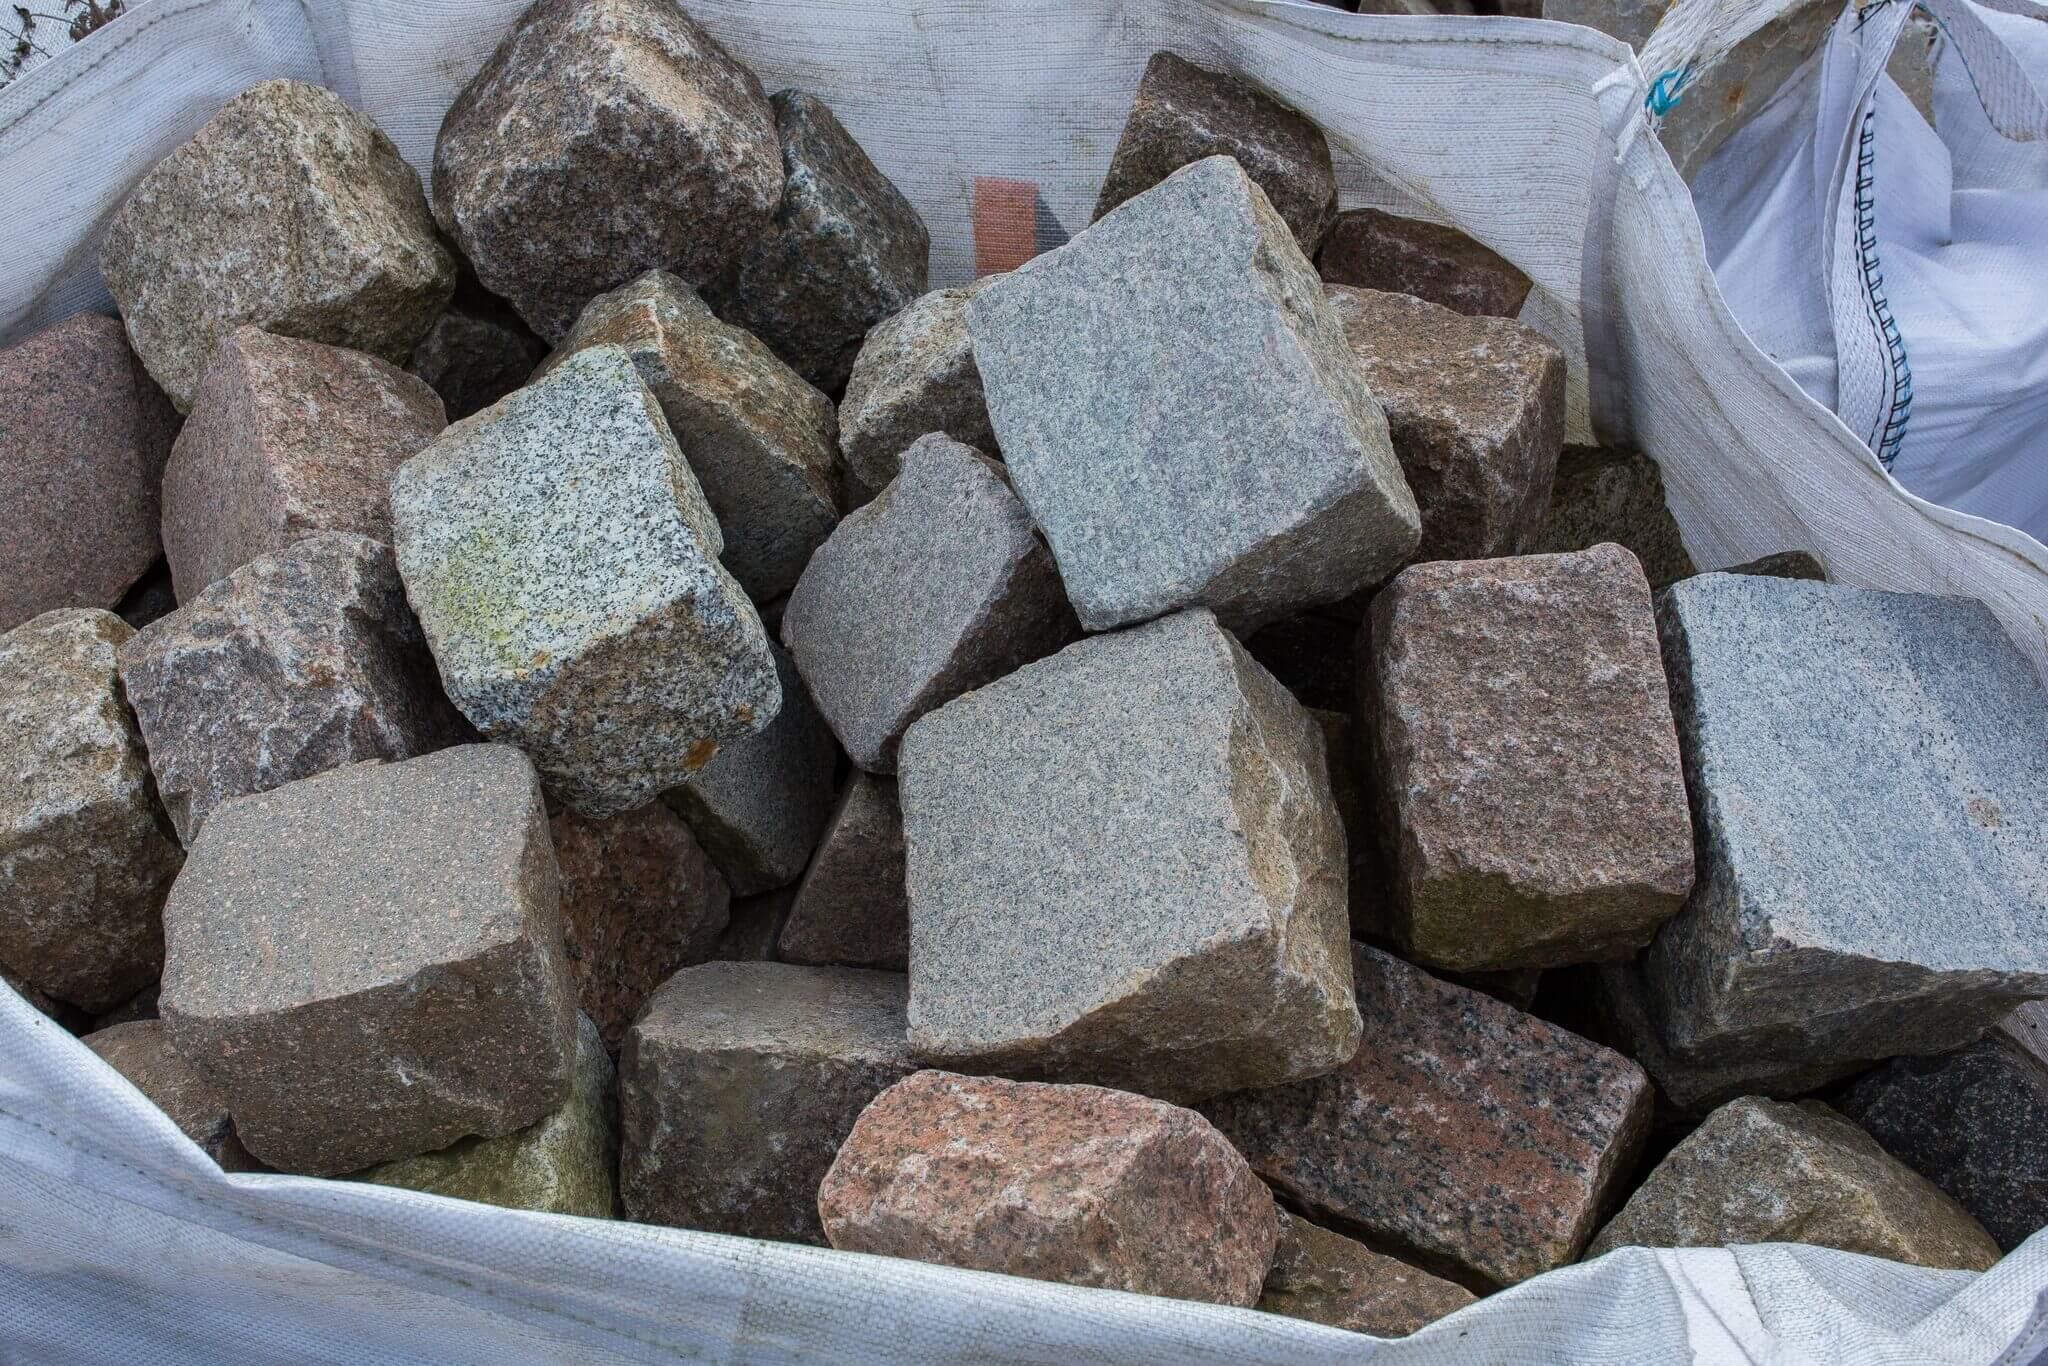 edel granit pflasterplatte 12 14 cm rot bunt regelm ig. Black Bedroom Furniture Sets. Home Design Ideas